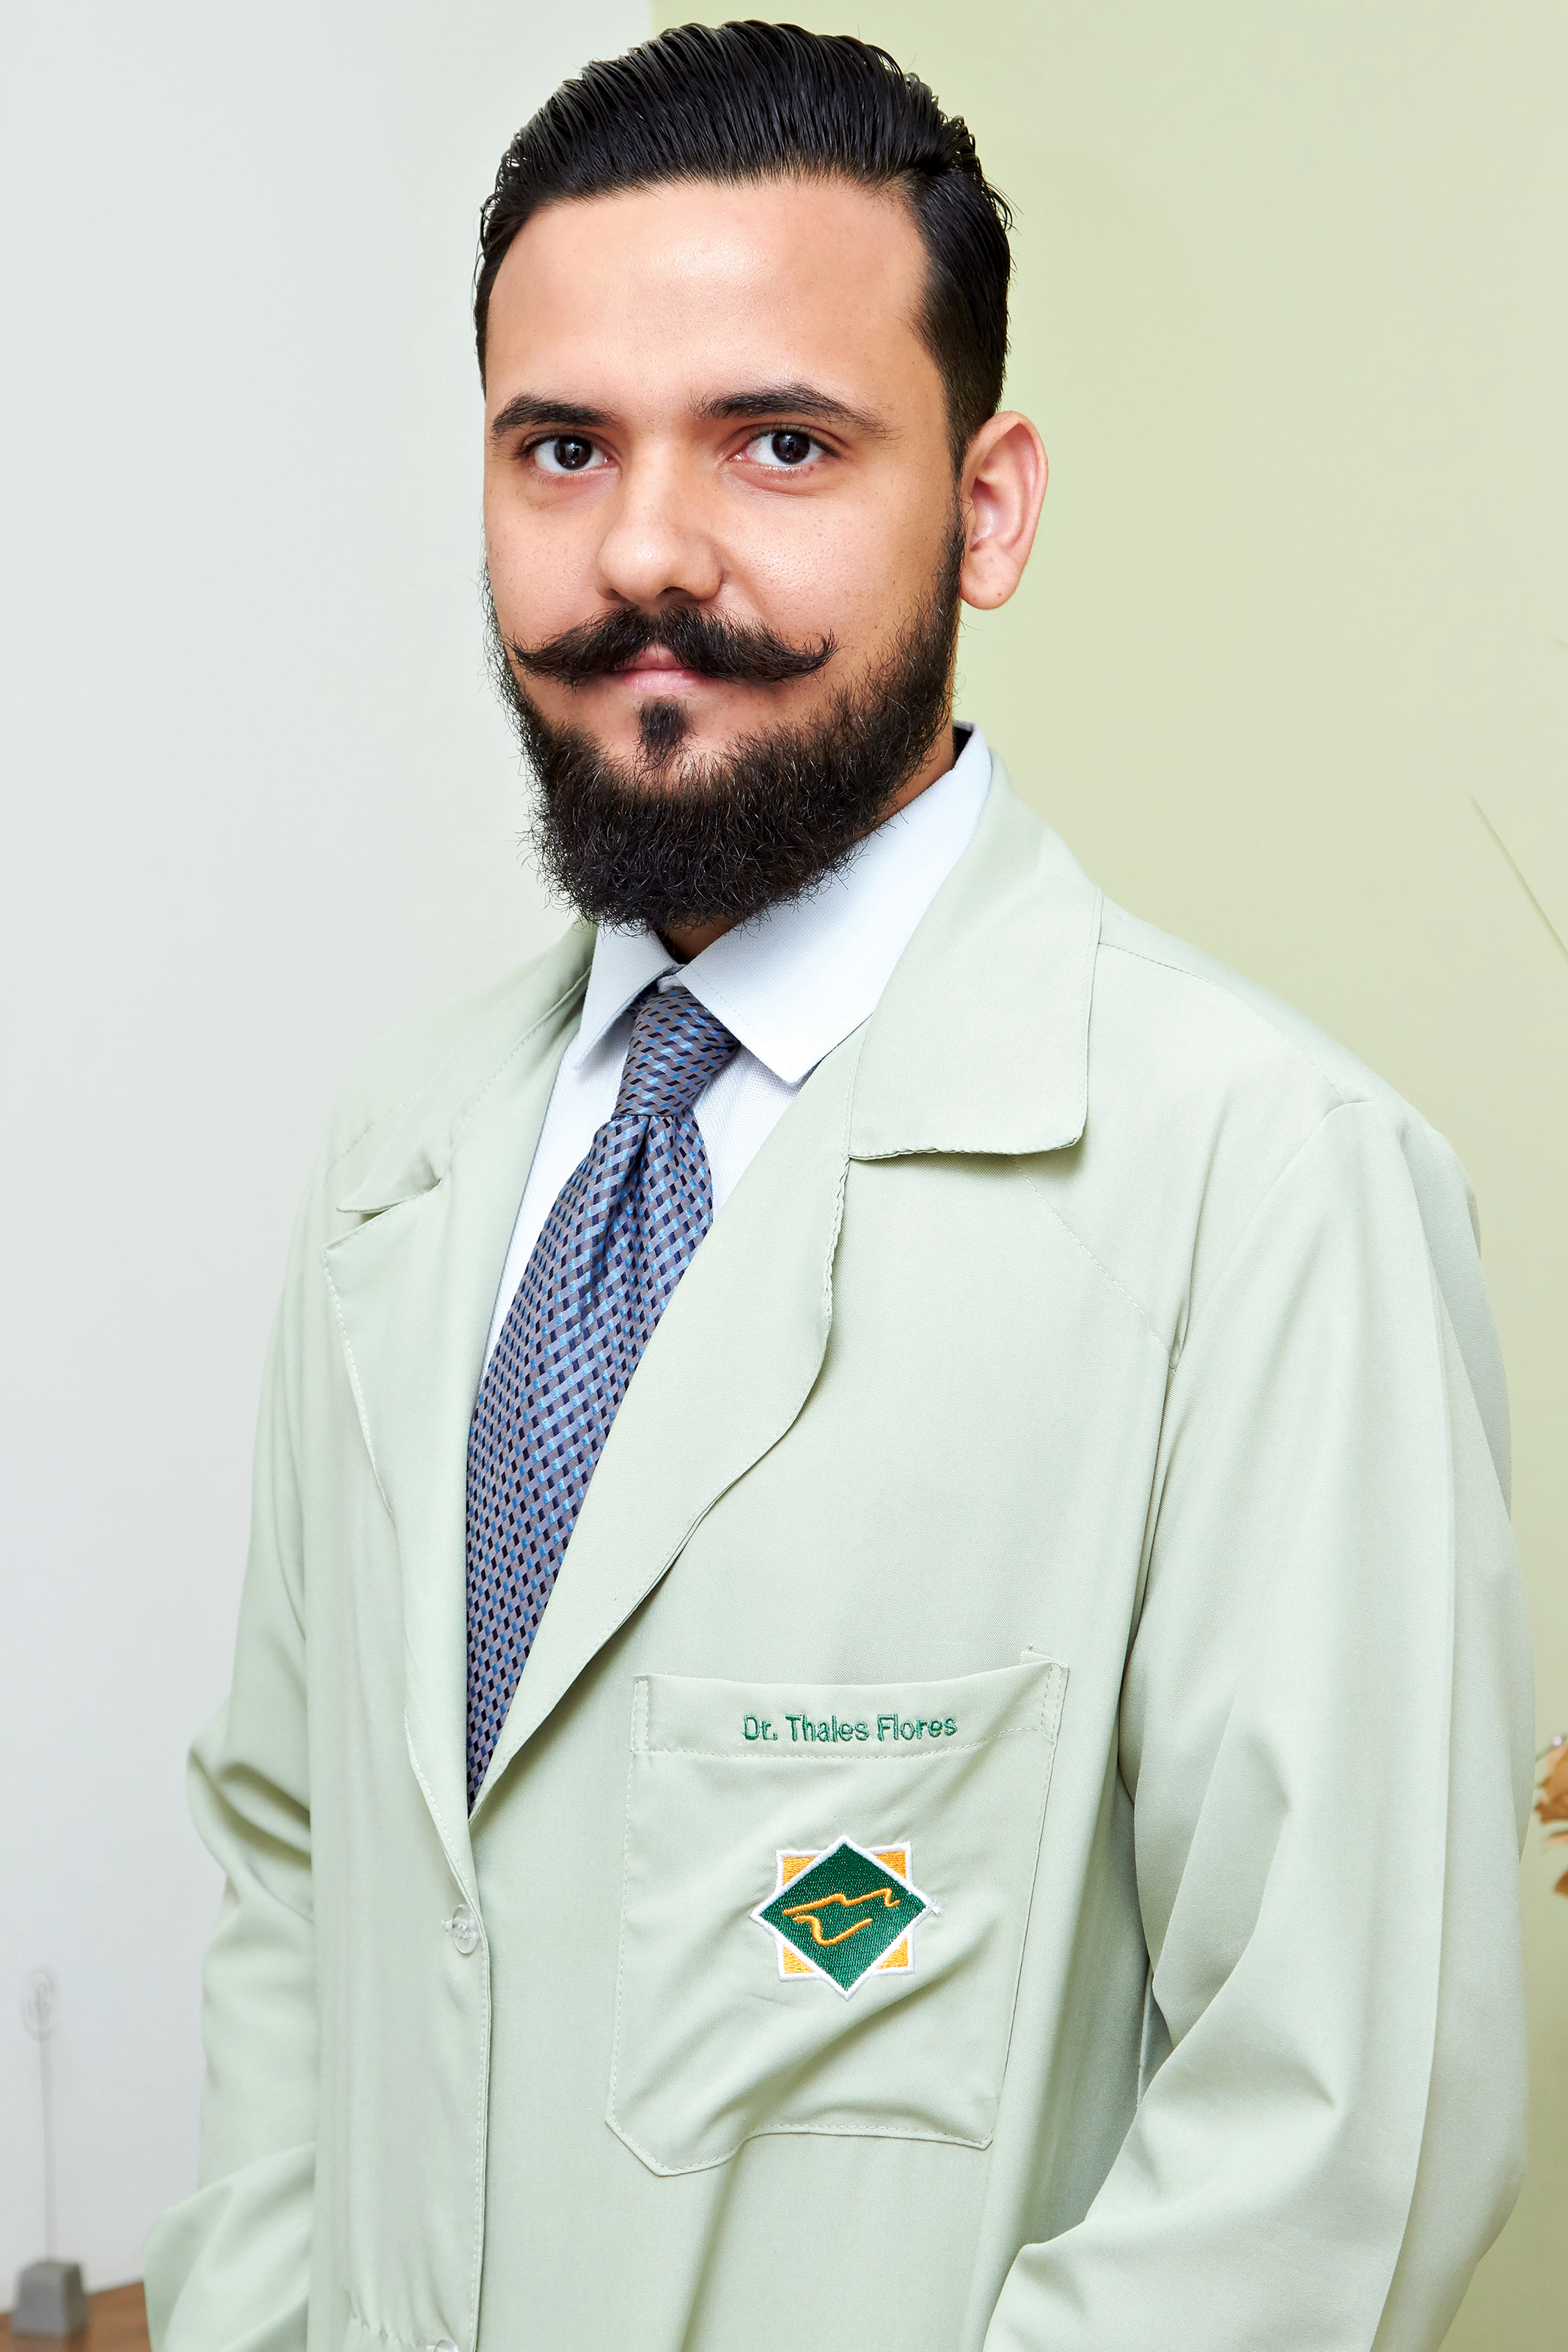 Dr. Thales Flores